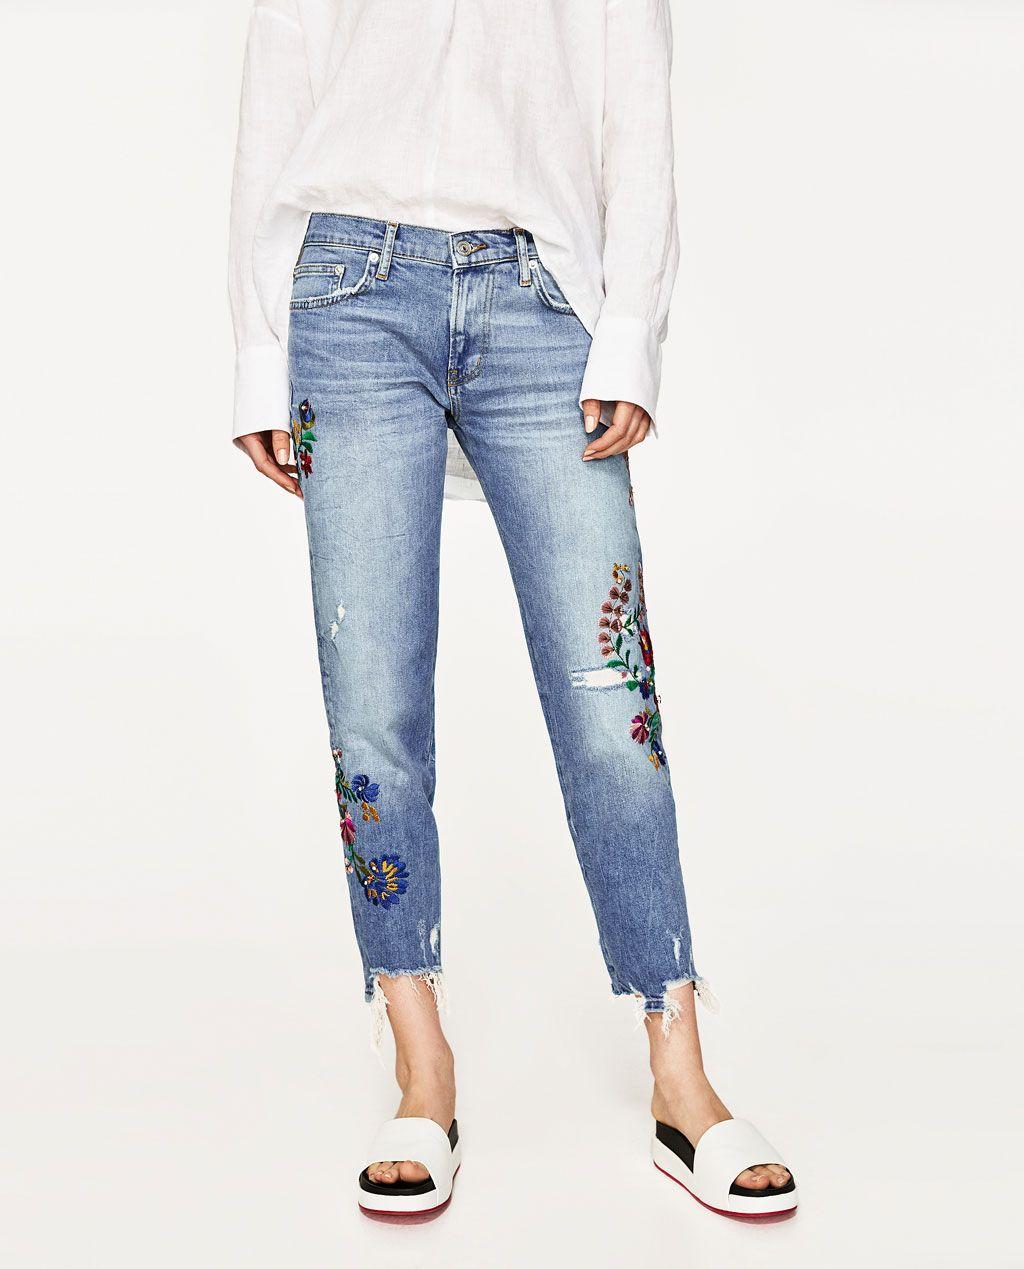 82a1602b MID-RISE BOYFRIEND JEANS-View All-JEANS-WOMAN | ZARA Egypt | jeans ...